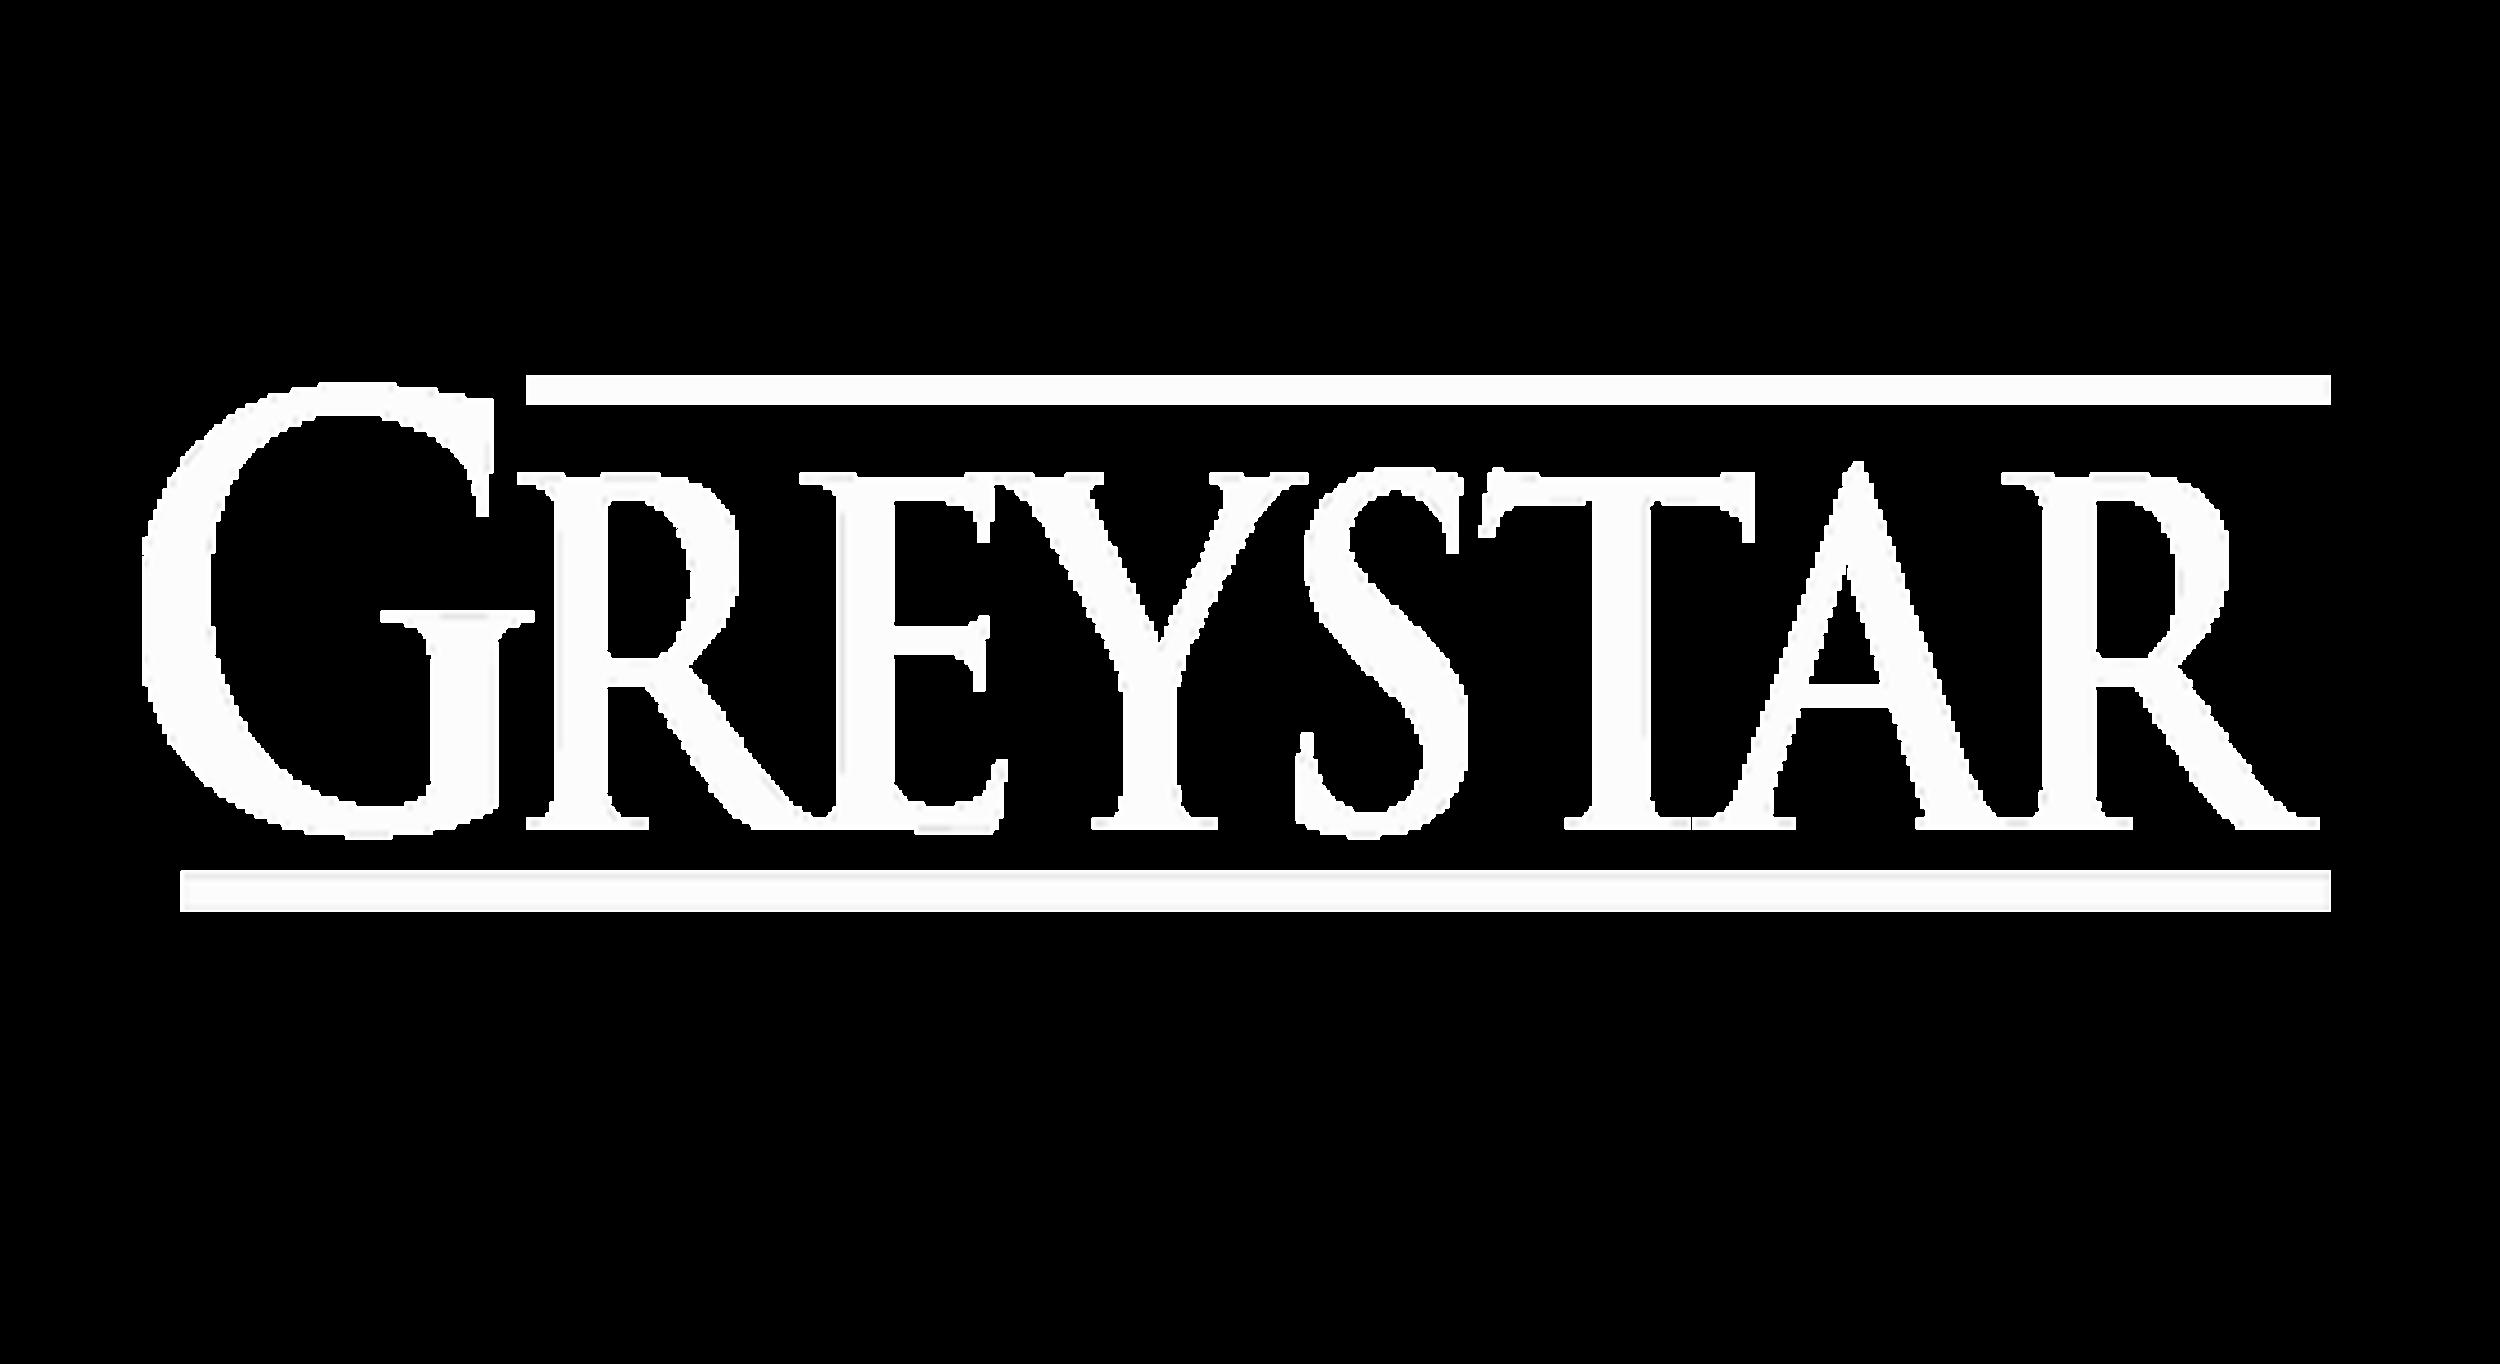 greystar_logo_white_v2.png